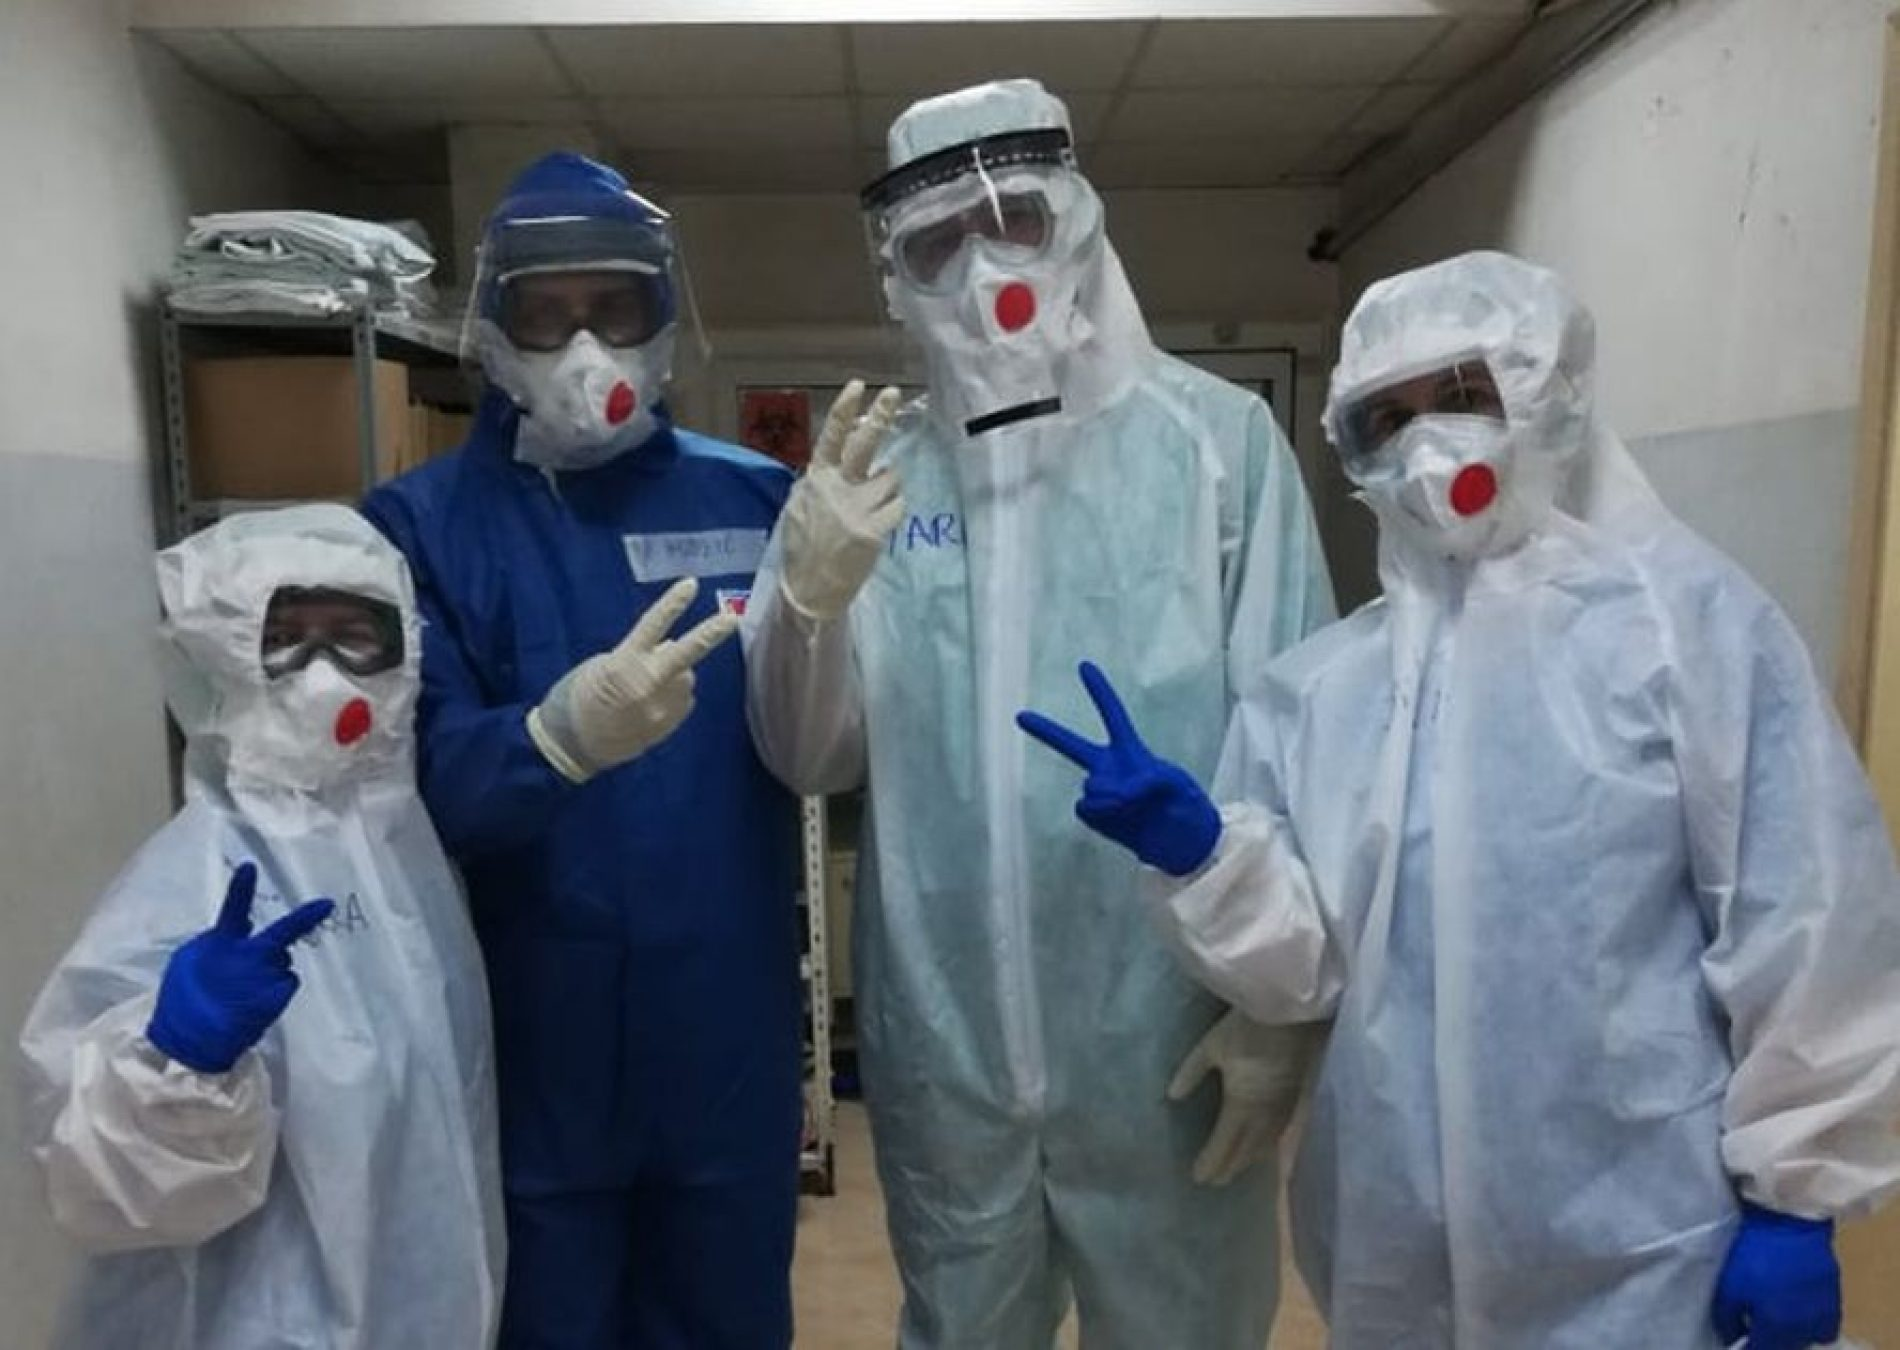 Tim KBZ-a uspješno porodio ženu pozitivnu na kakoronavirus